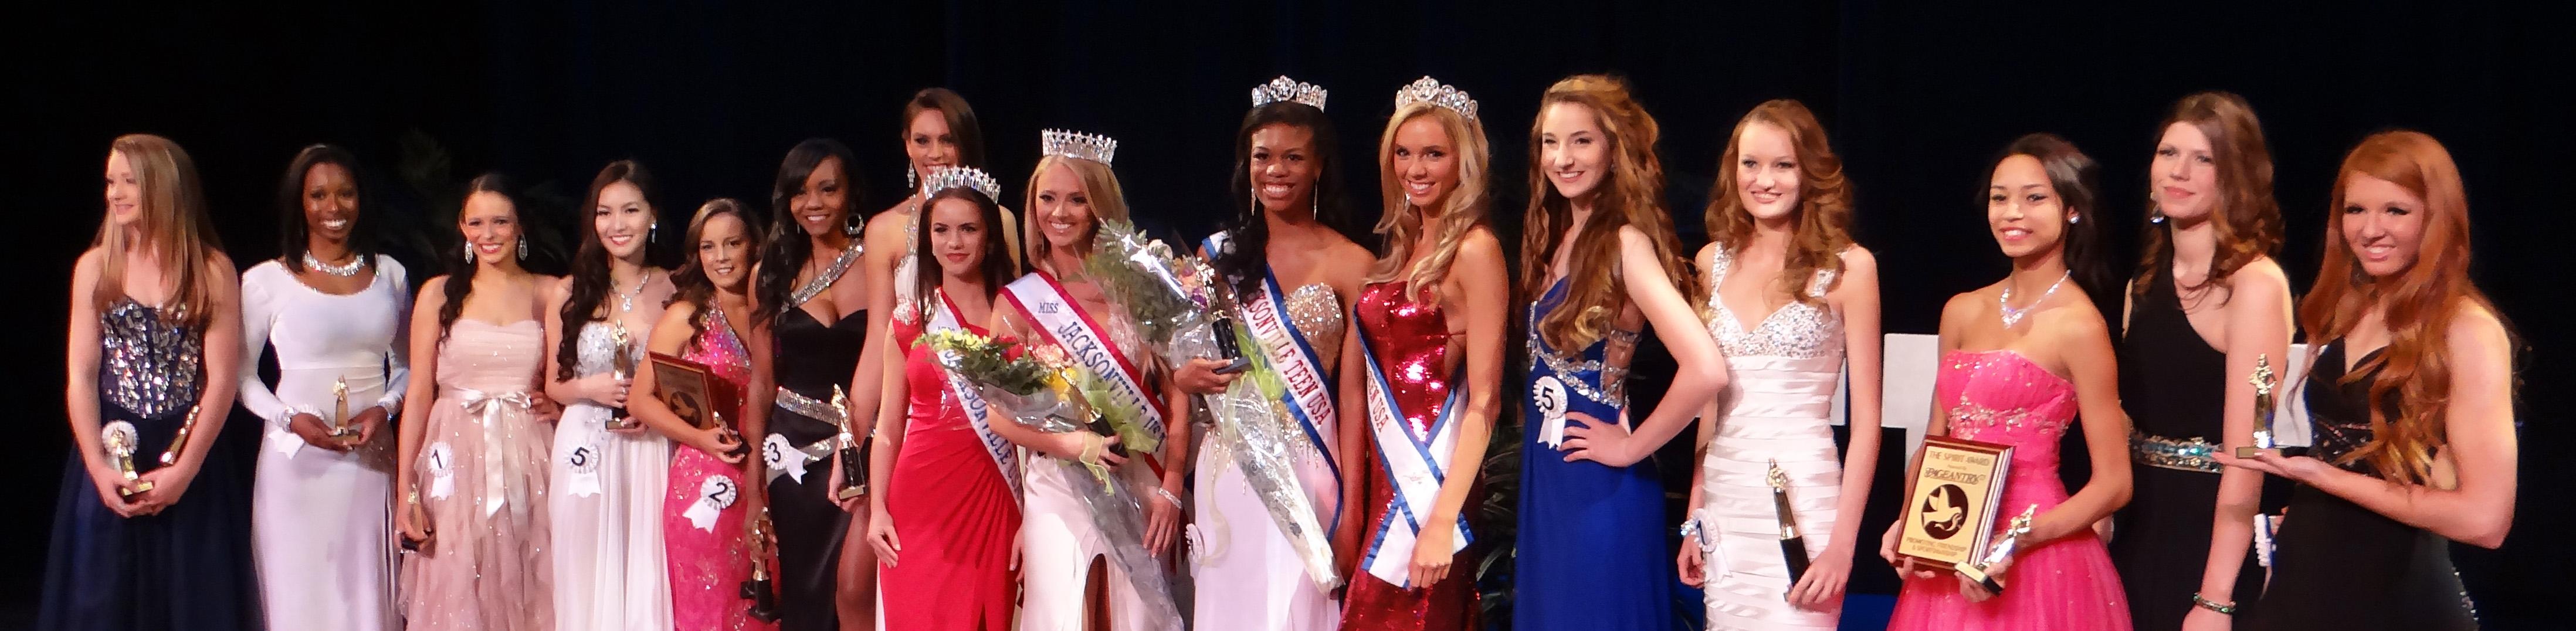 Miss Teen Usa 2014